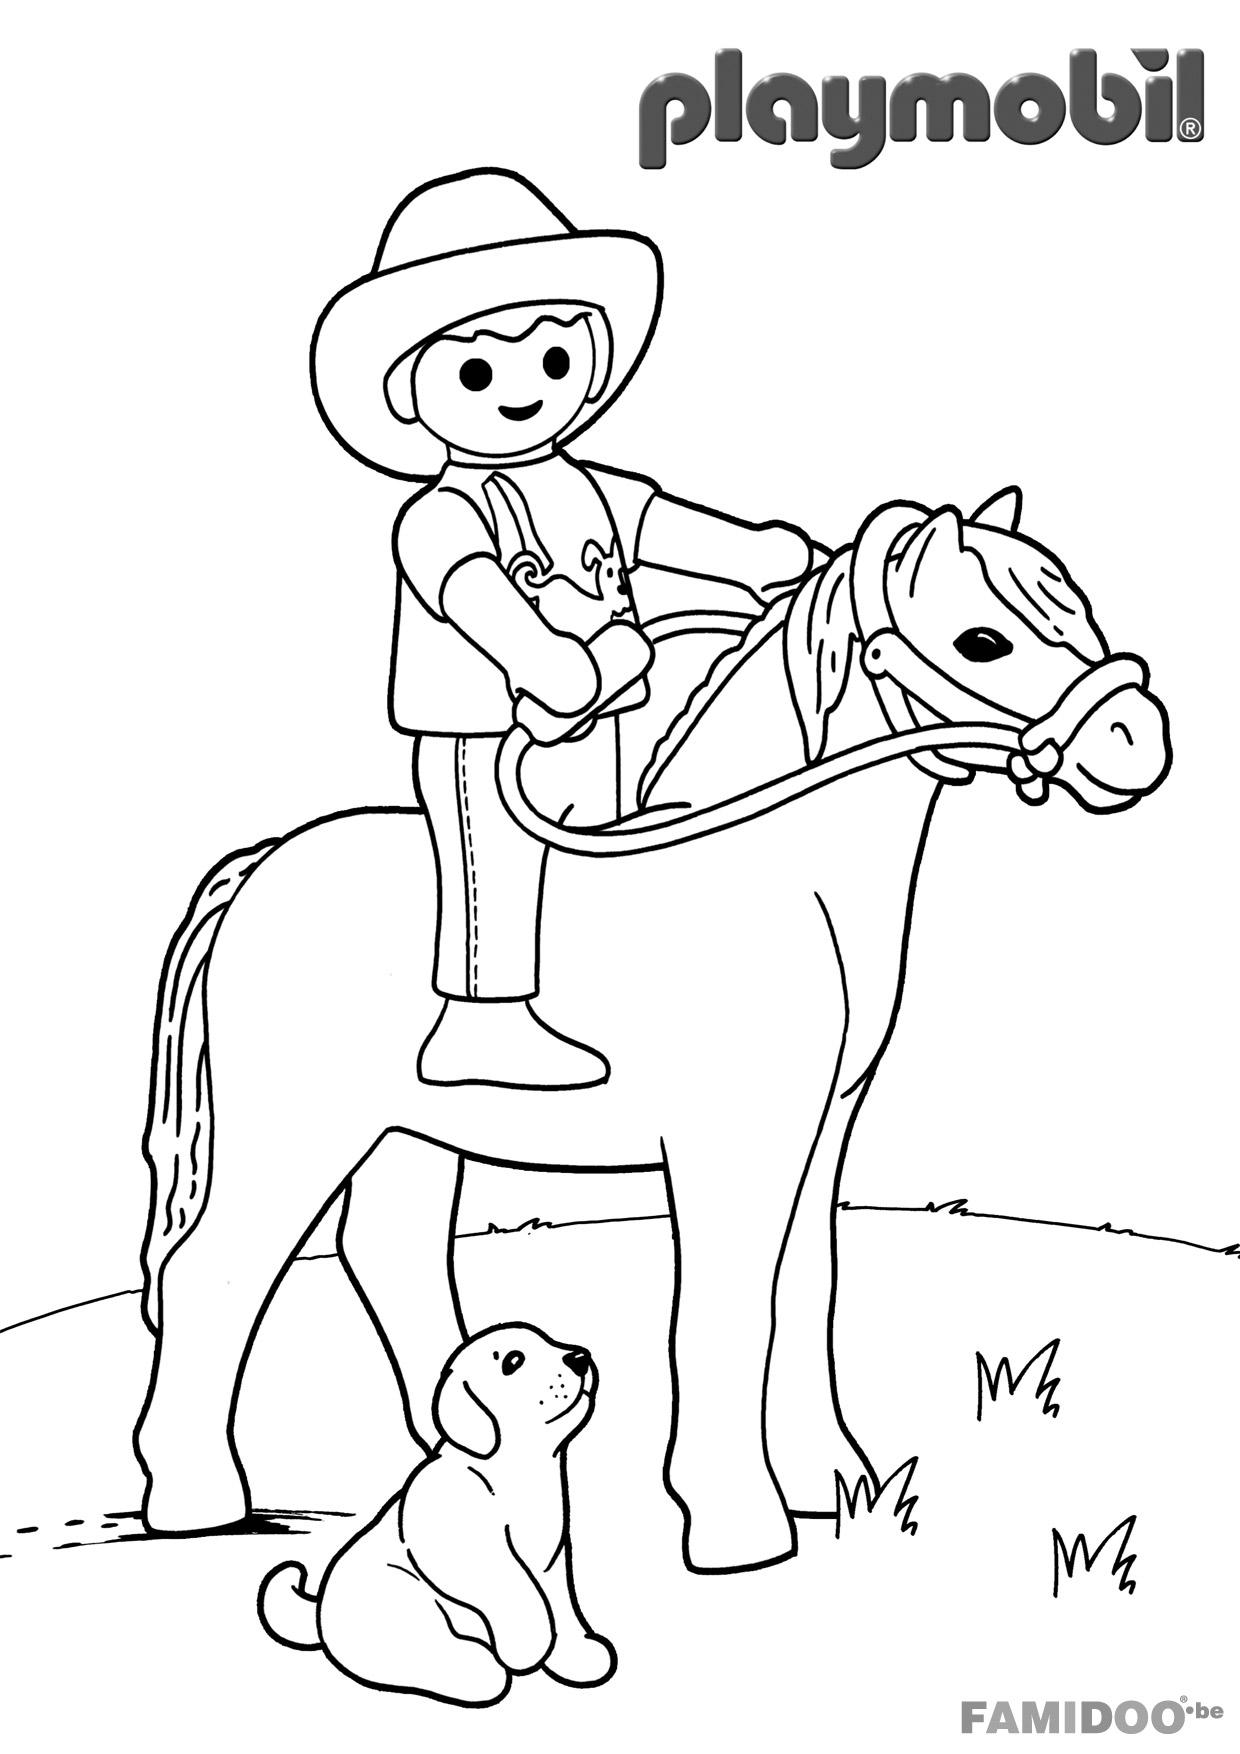 Coloriage Playmobil Cowboy - Coloriage Playmobil serapportantà Colorage Enfant